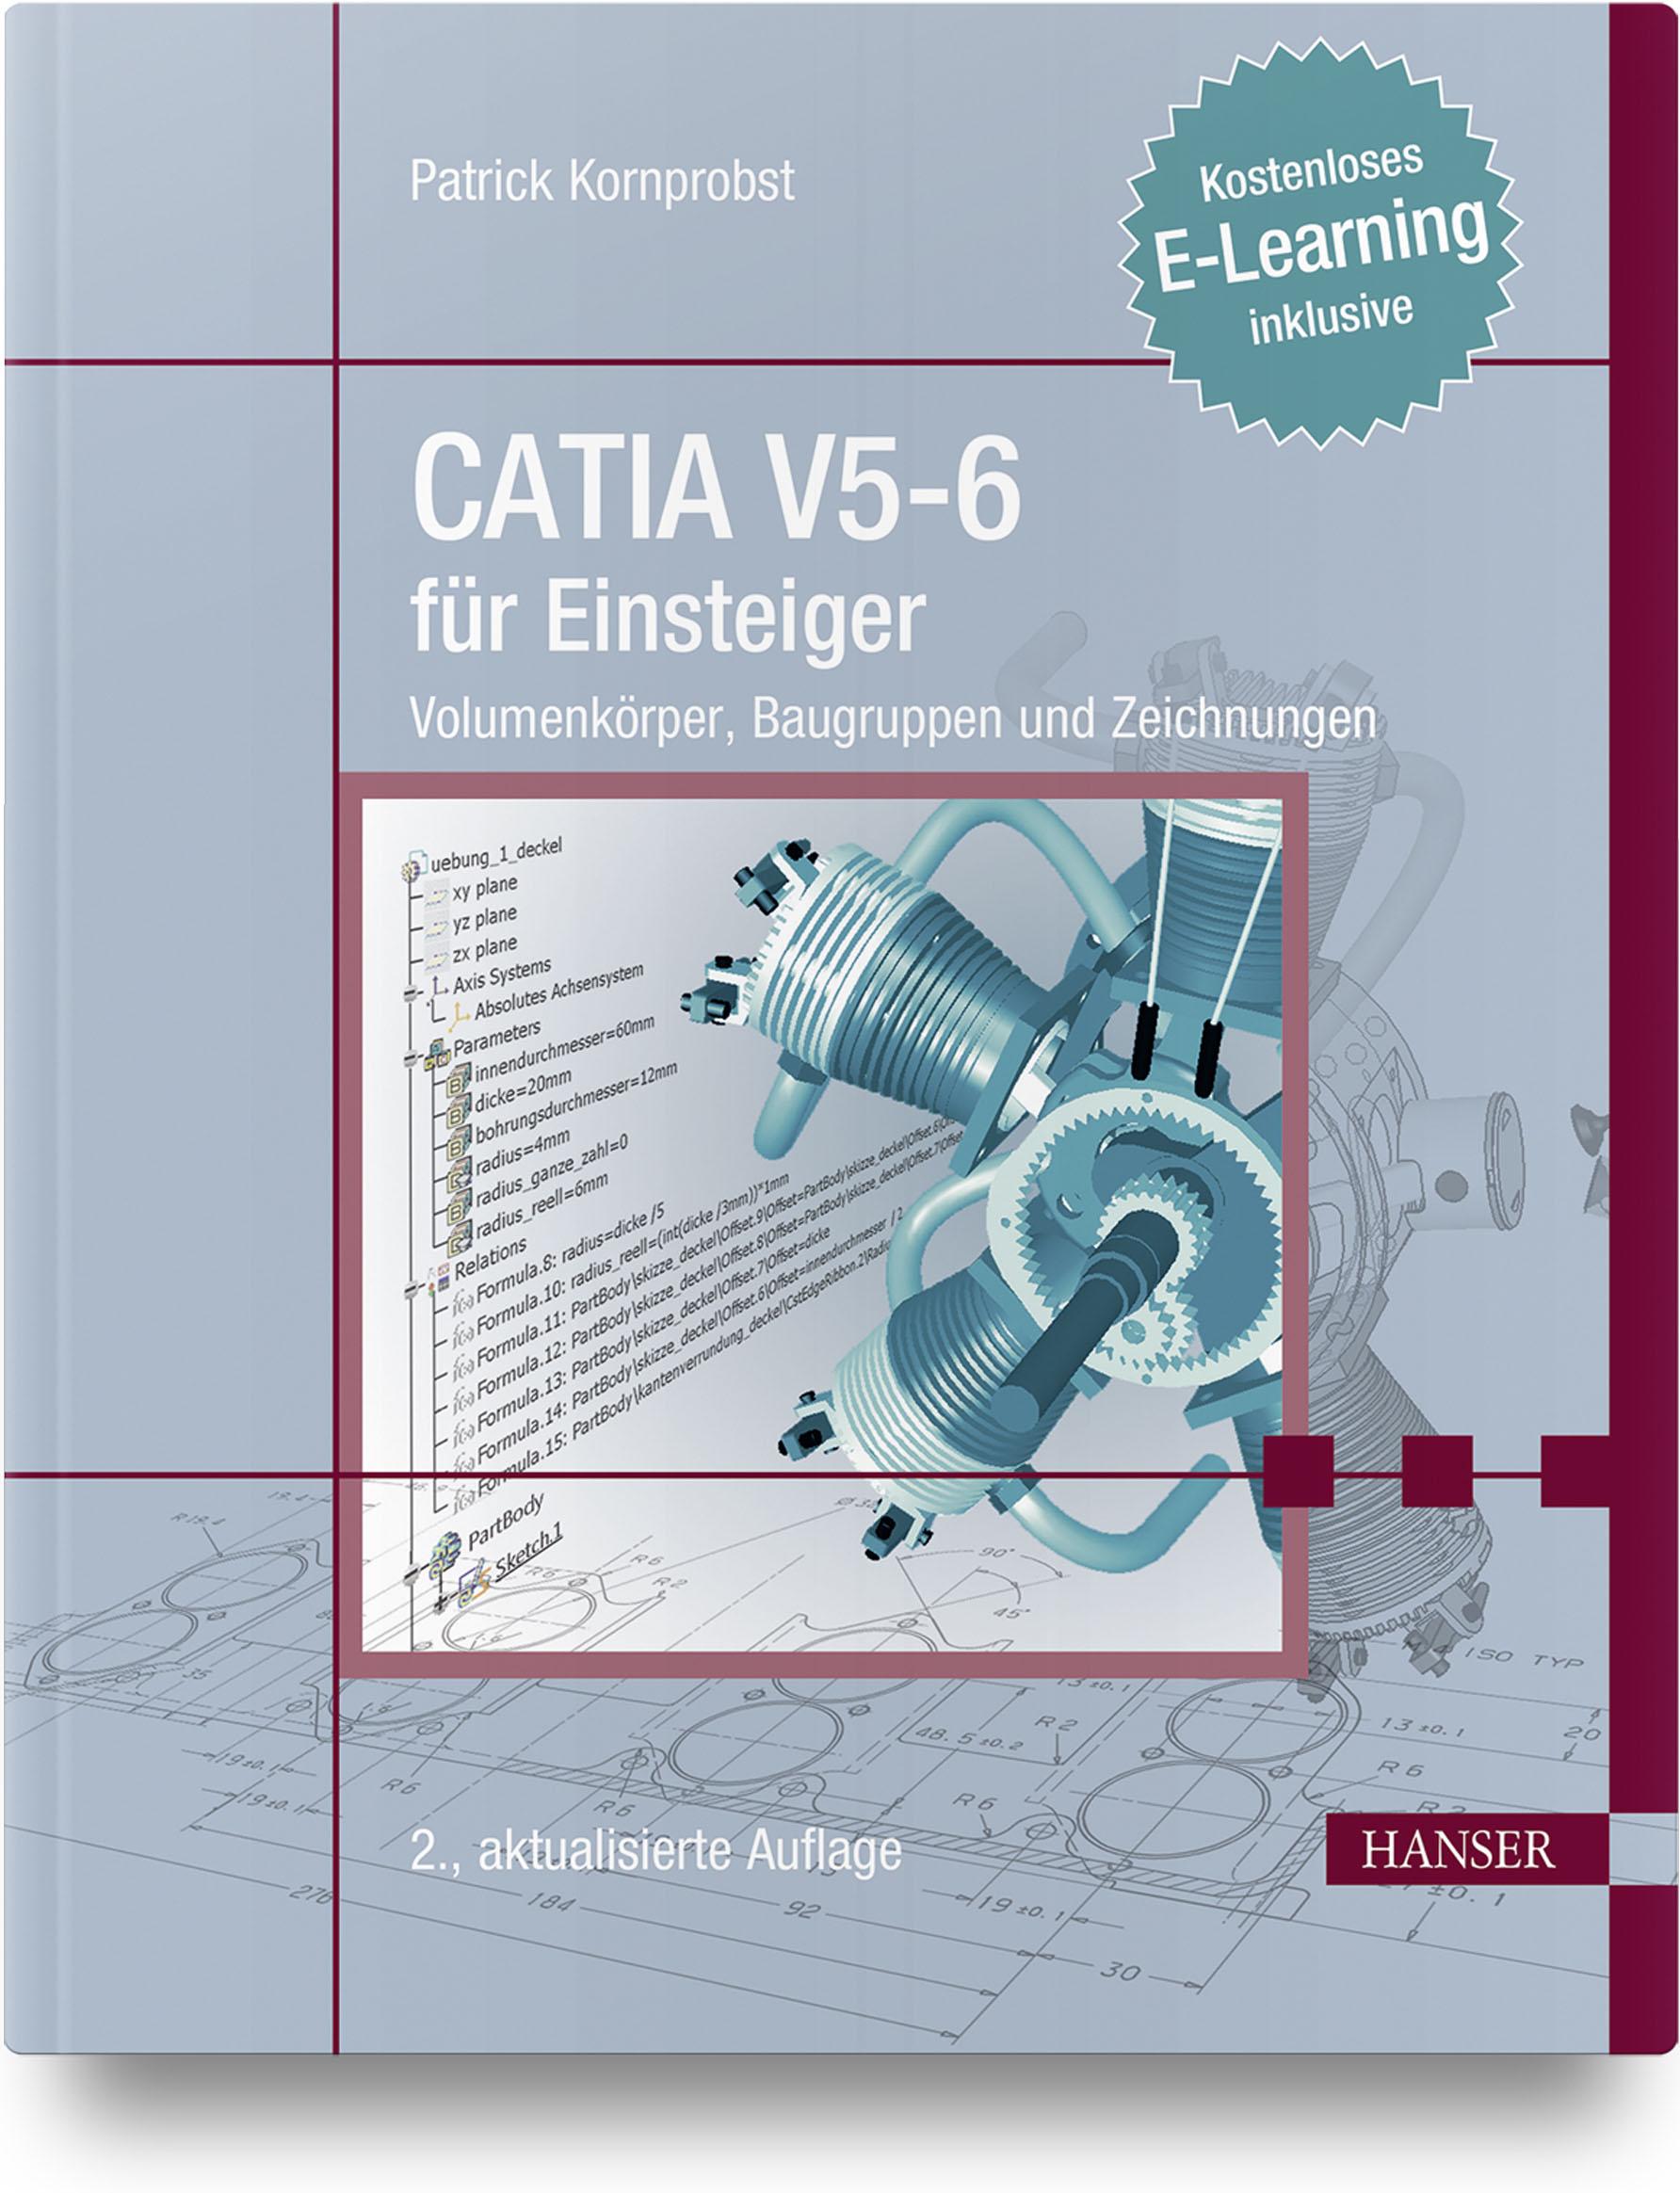 Kornprobst, CATIA V5-6 für Einsteiger, 978-3-446-45532-0